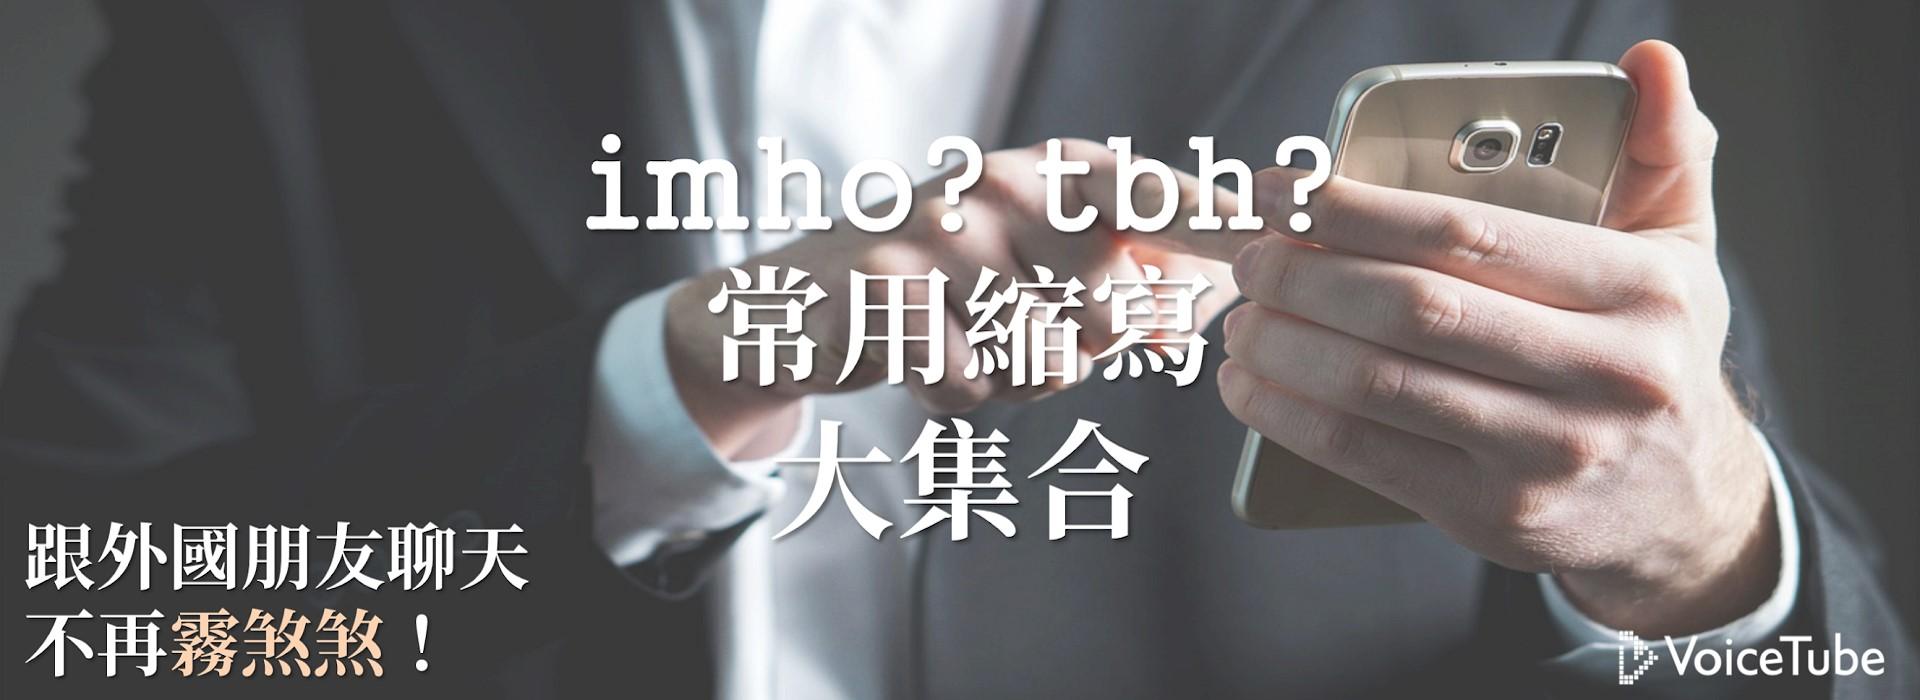 IDK? SMH? 外國人最常用的網路英文縮寫